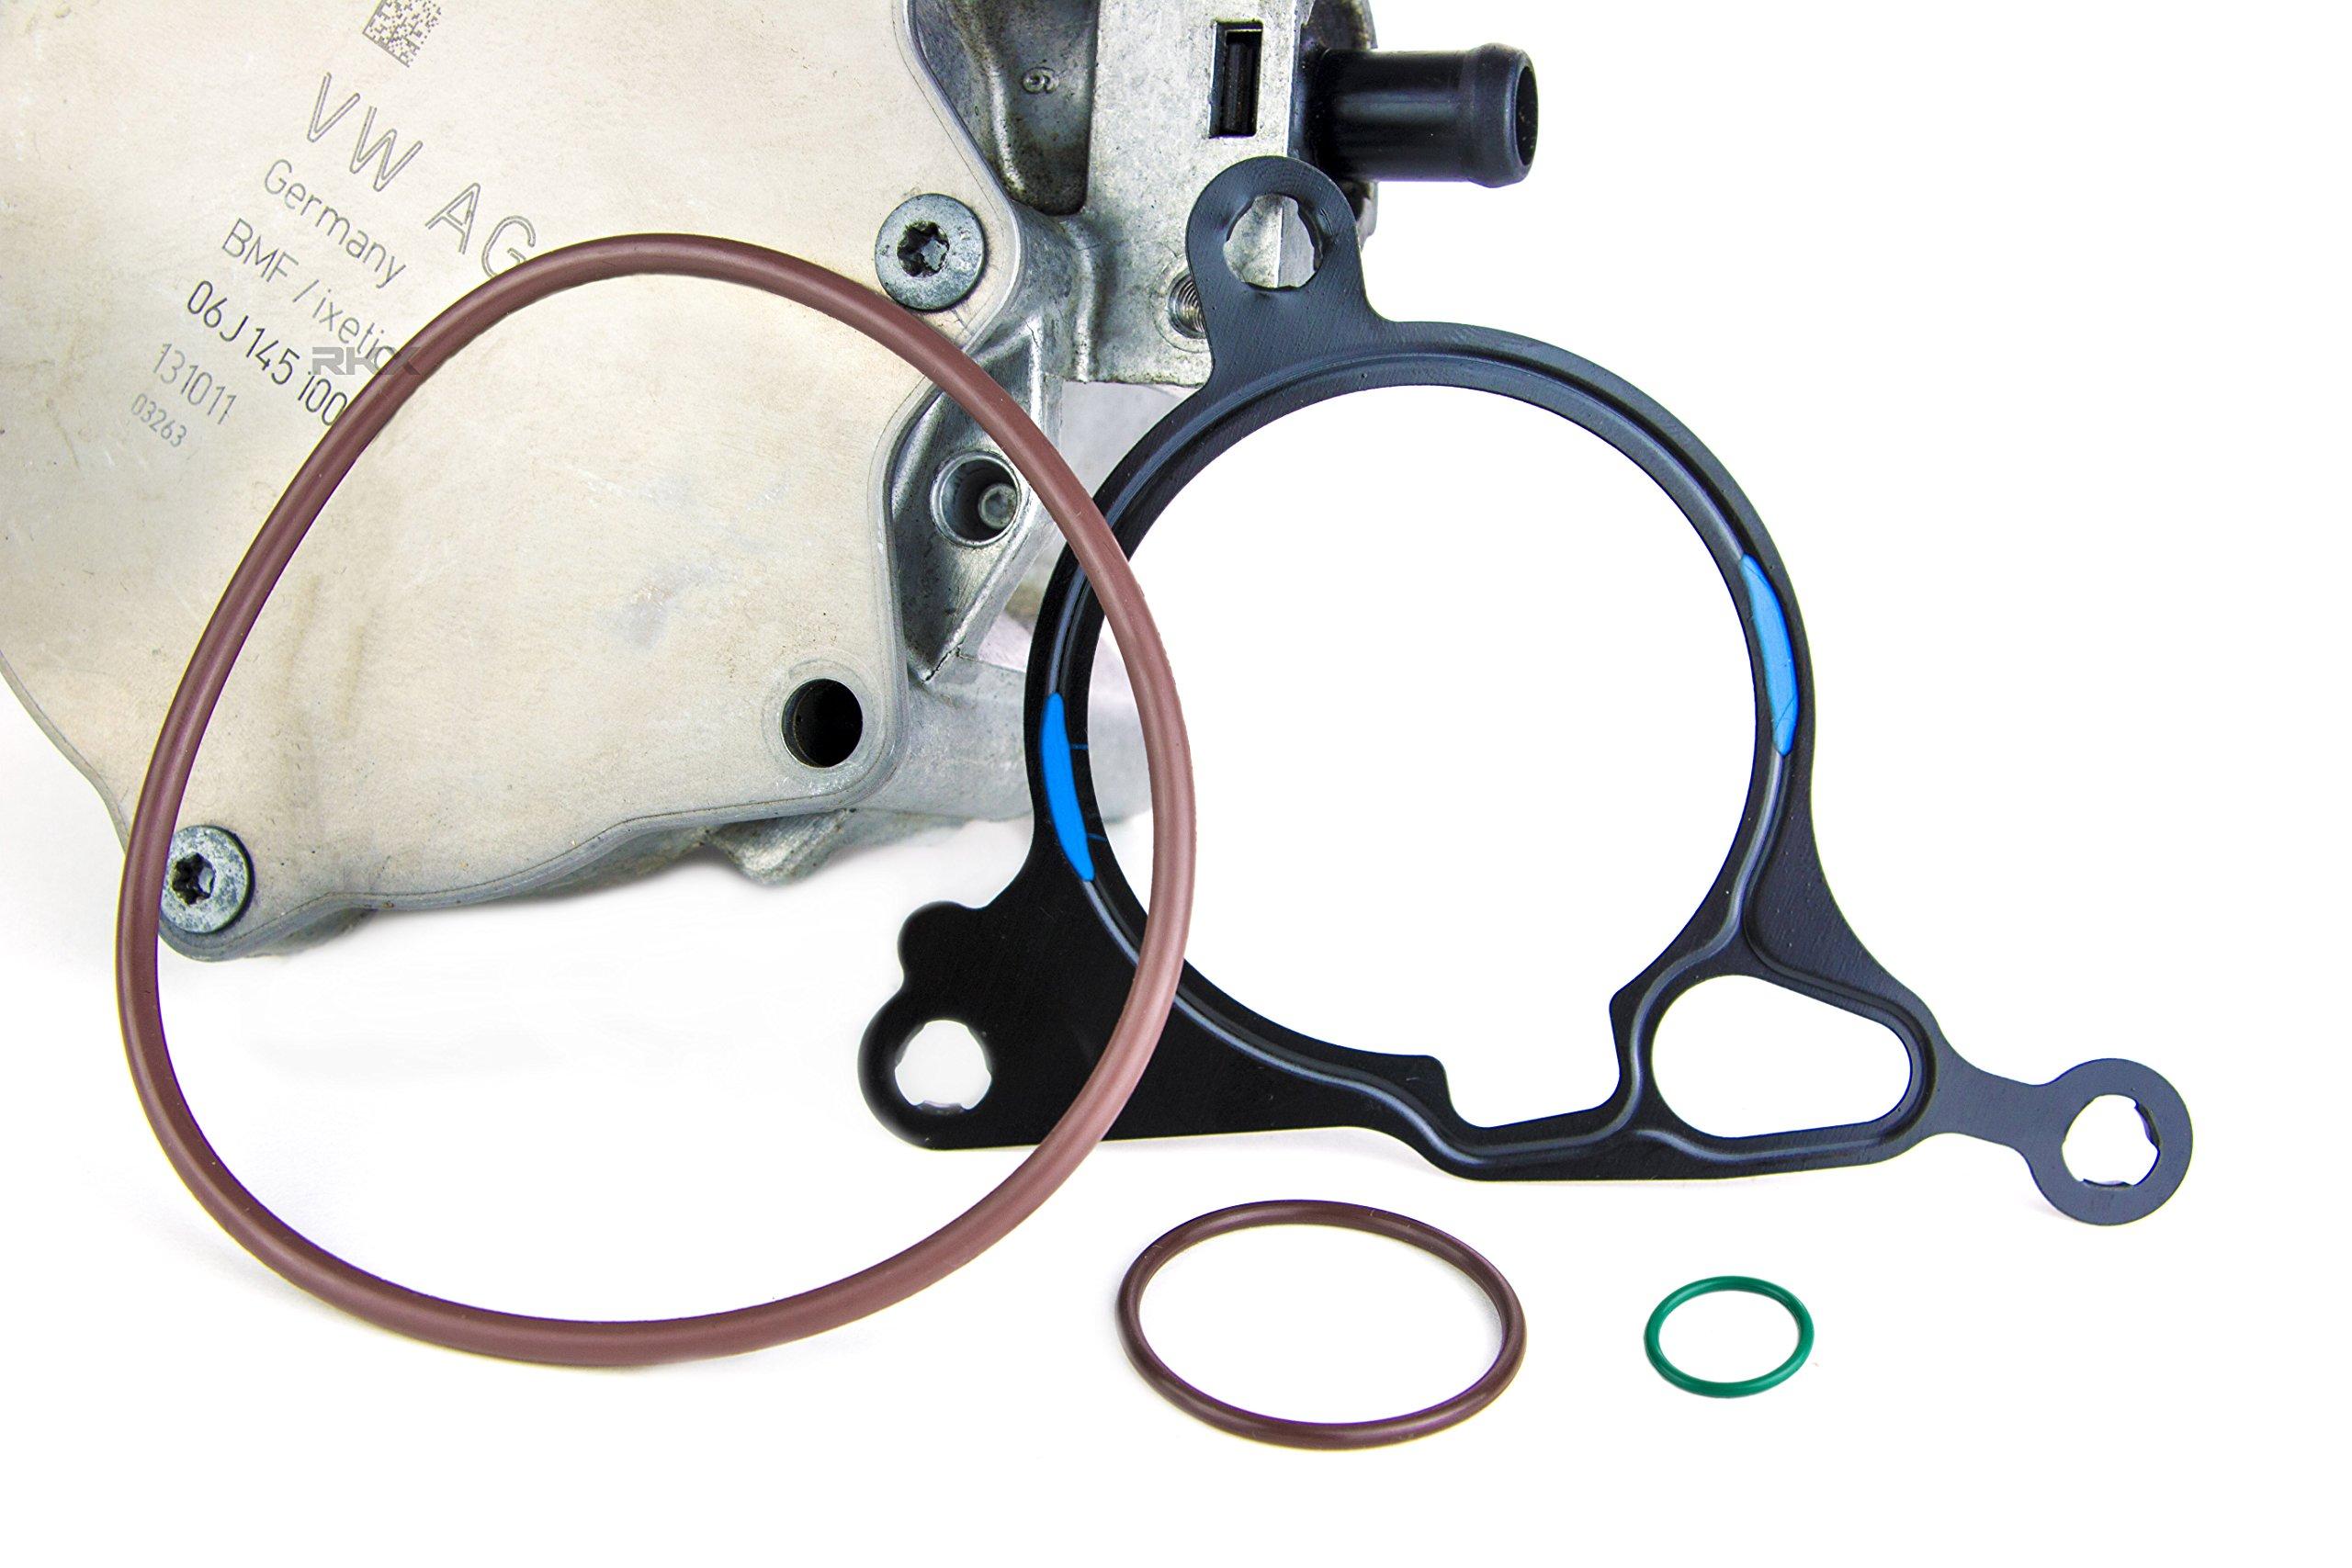 RKX VW & Audi 2.0T Vacuum Pump Reseal / Rebuild Kit 2.0 T TFSI B8 A4, Q7